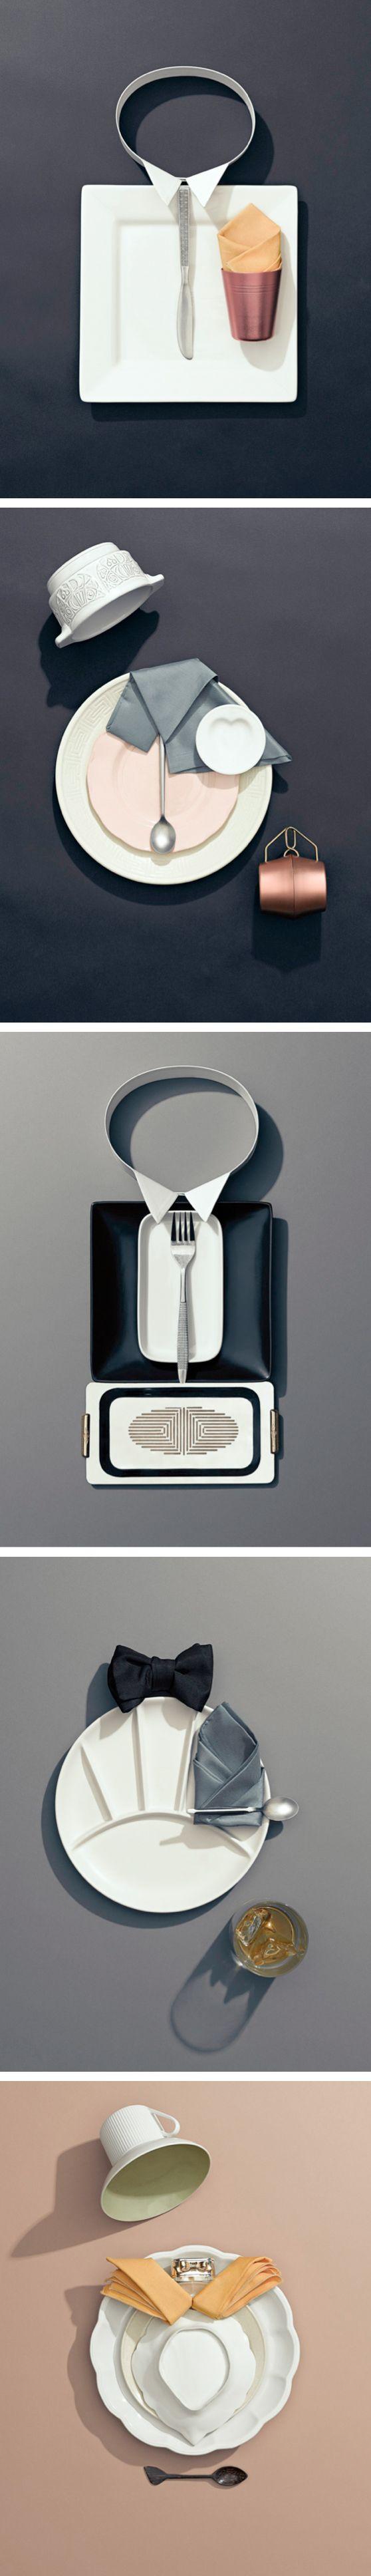 Dinner etiquette | Sonia Rentsch